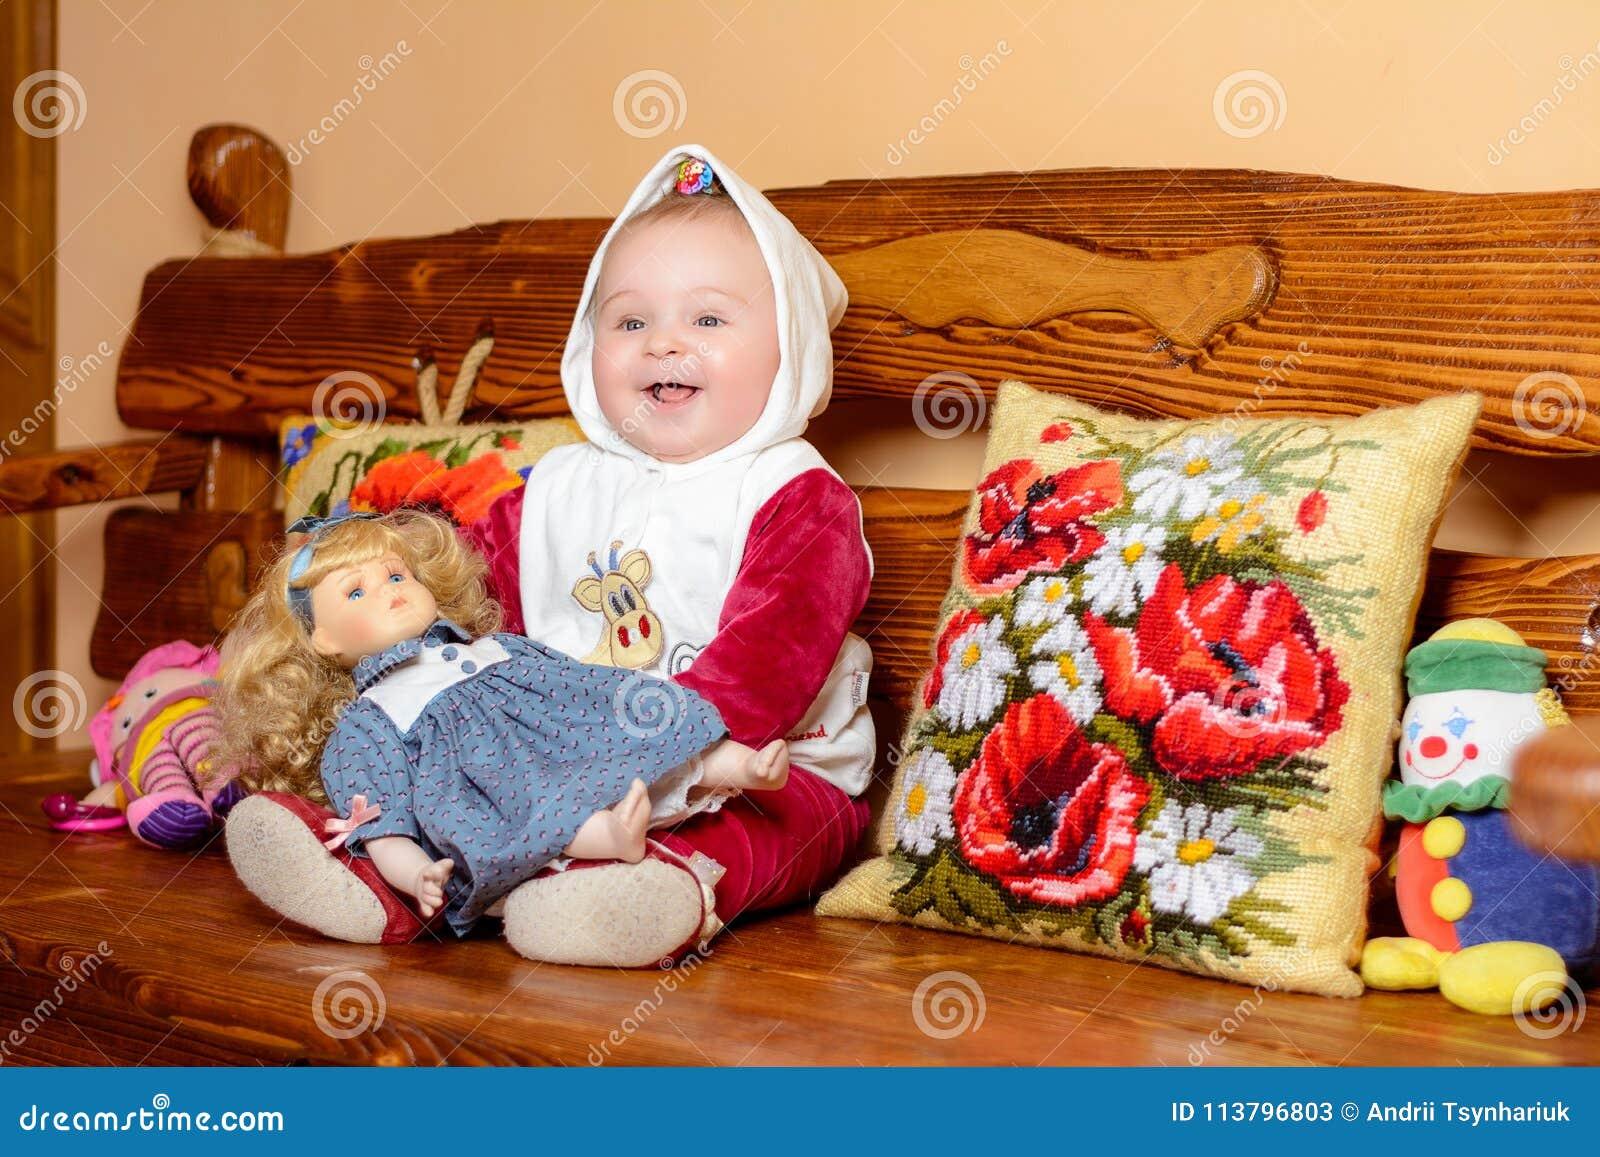 Ett småbarn i ett sjalsammanträde på en soffa med broderade kuddar